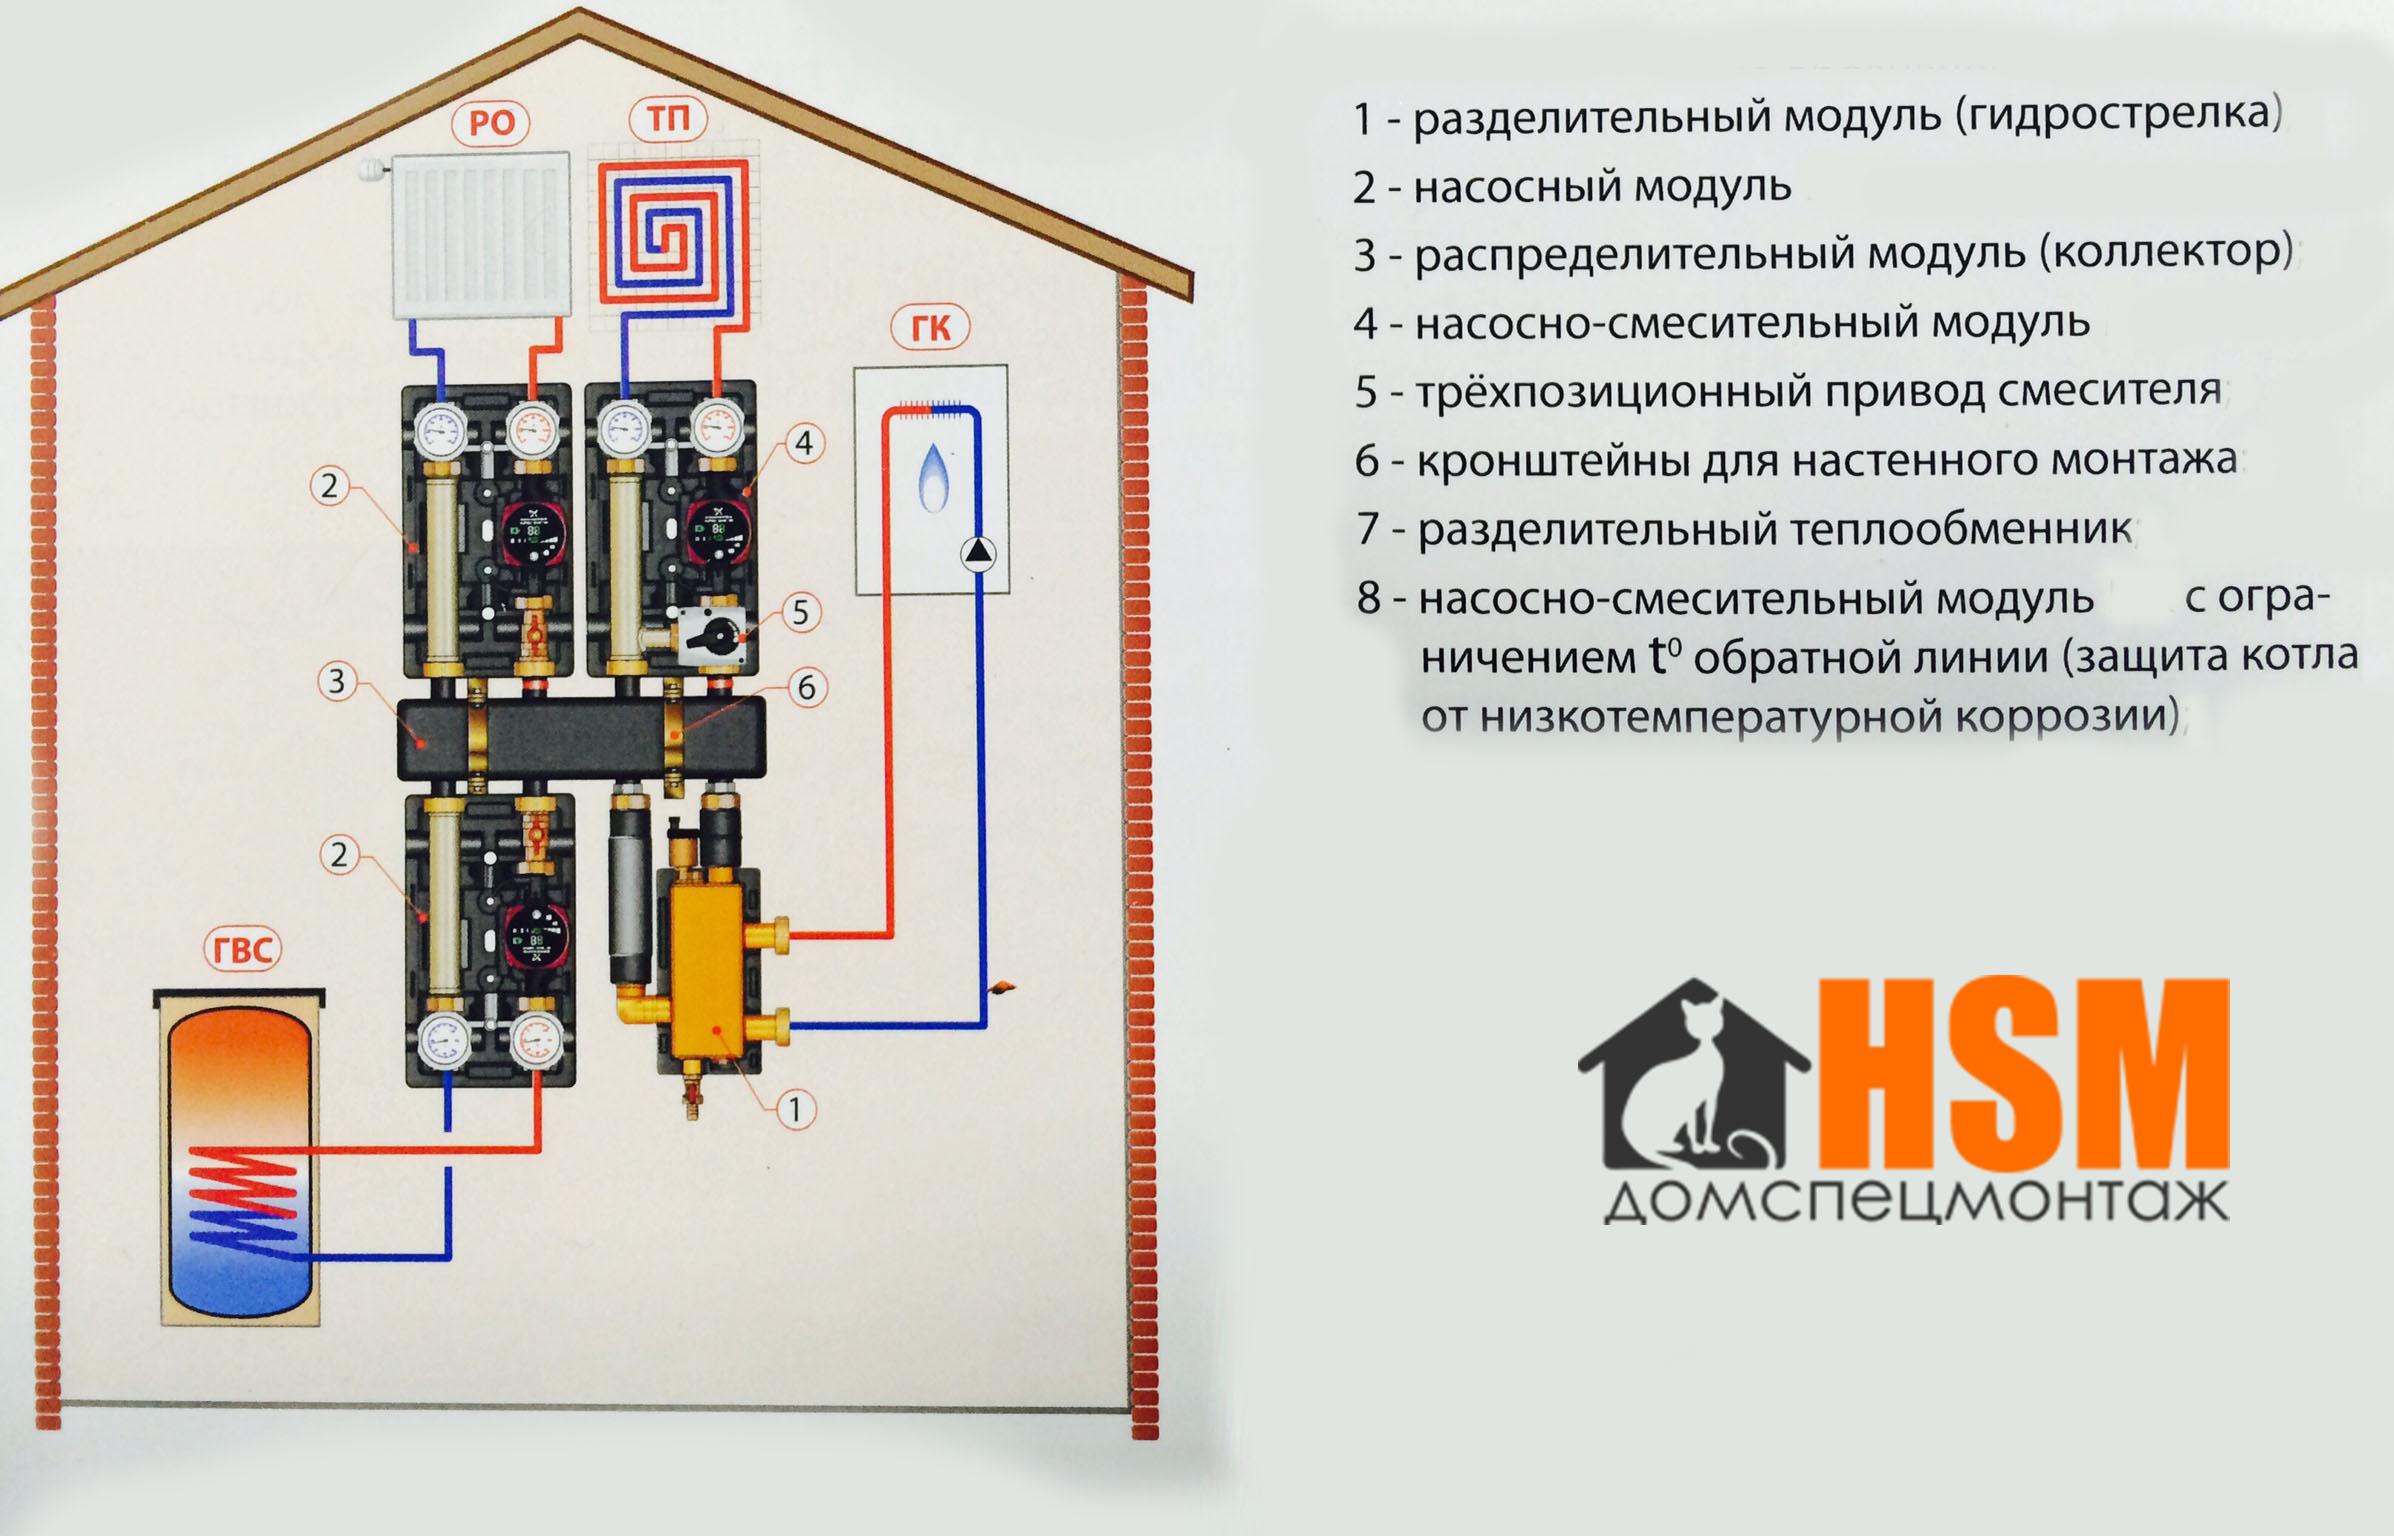 гидрострелка, схема монтажа отопления частного дома небольшого, схема отопления загородного небольшого дома, отопление маленького дома